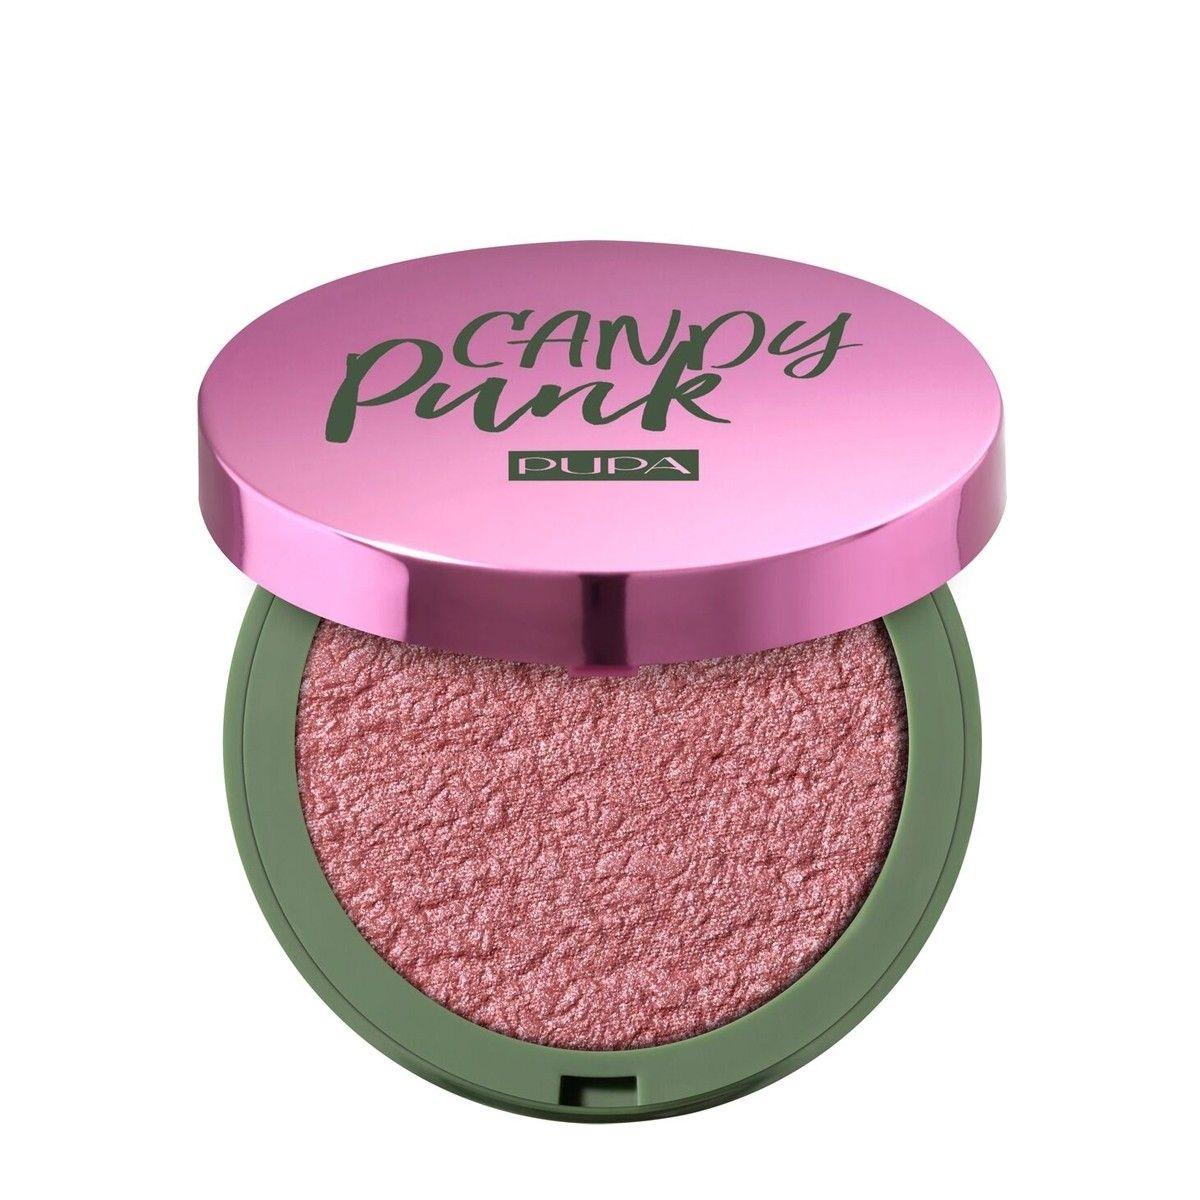 Pupa Candy Punk Blush 001 Dirty Rose